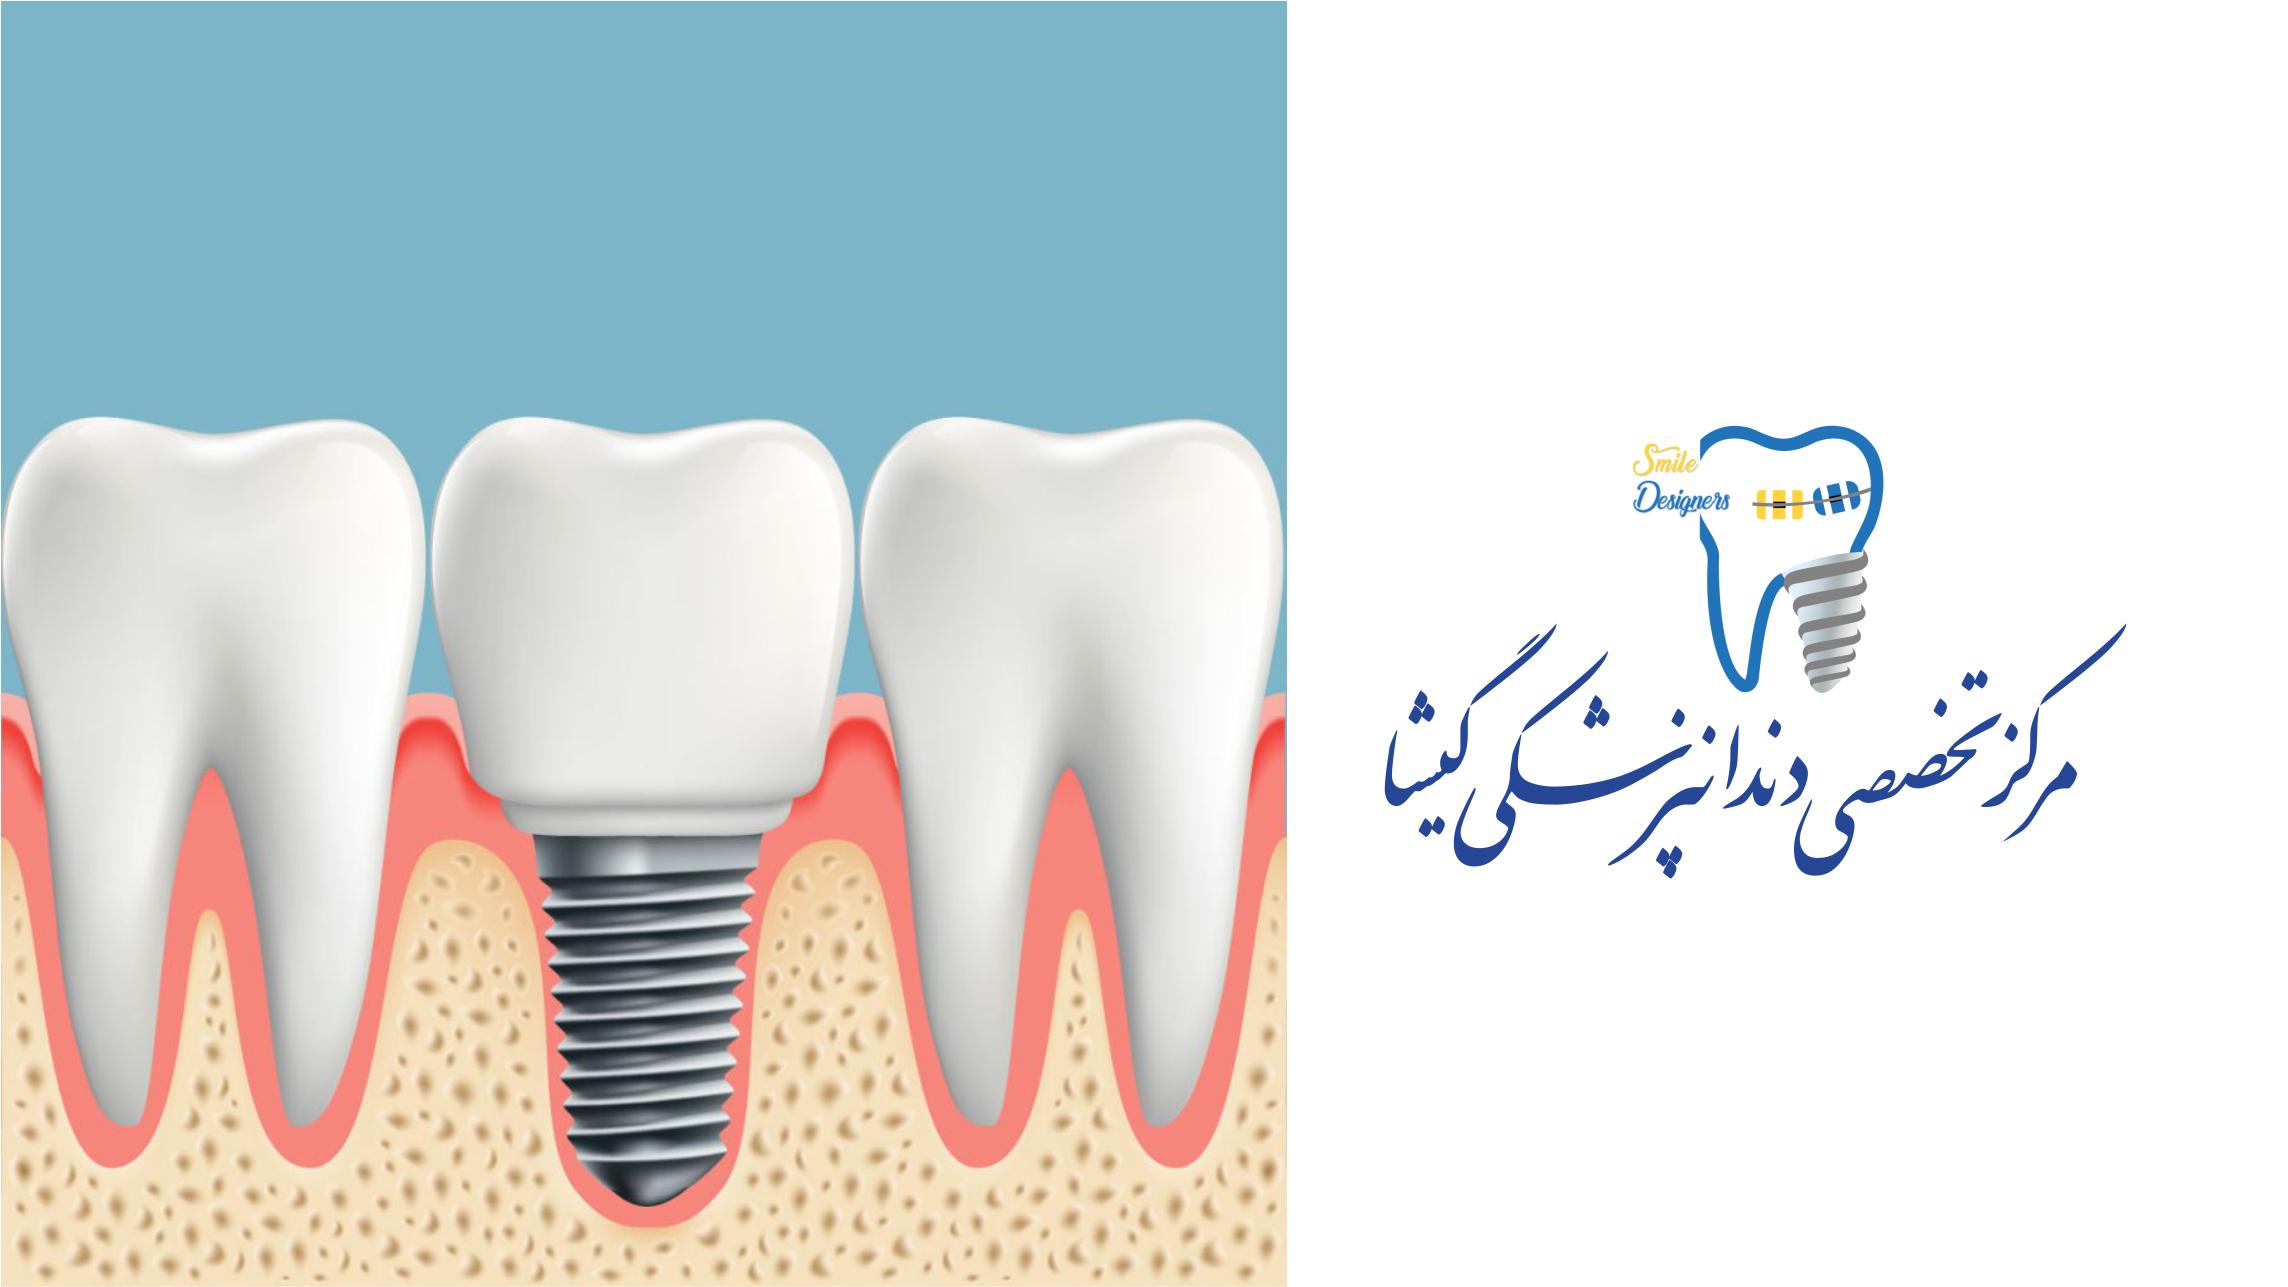 انجام کاشت ایمپلنت دندان بهد صورت قسطی توسط بهترین متخصص ایمپلنت دندان